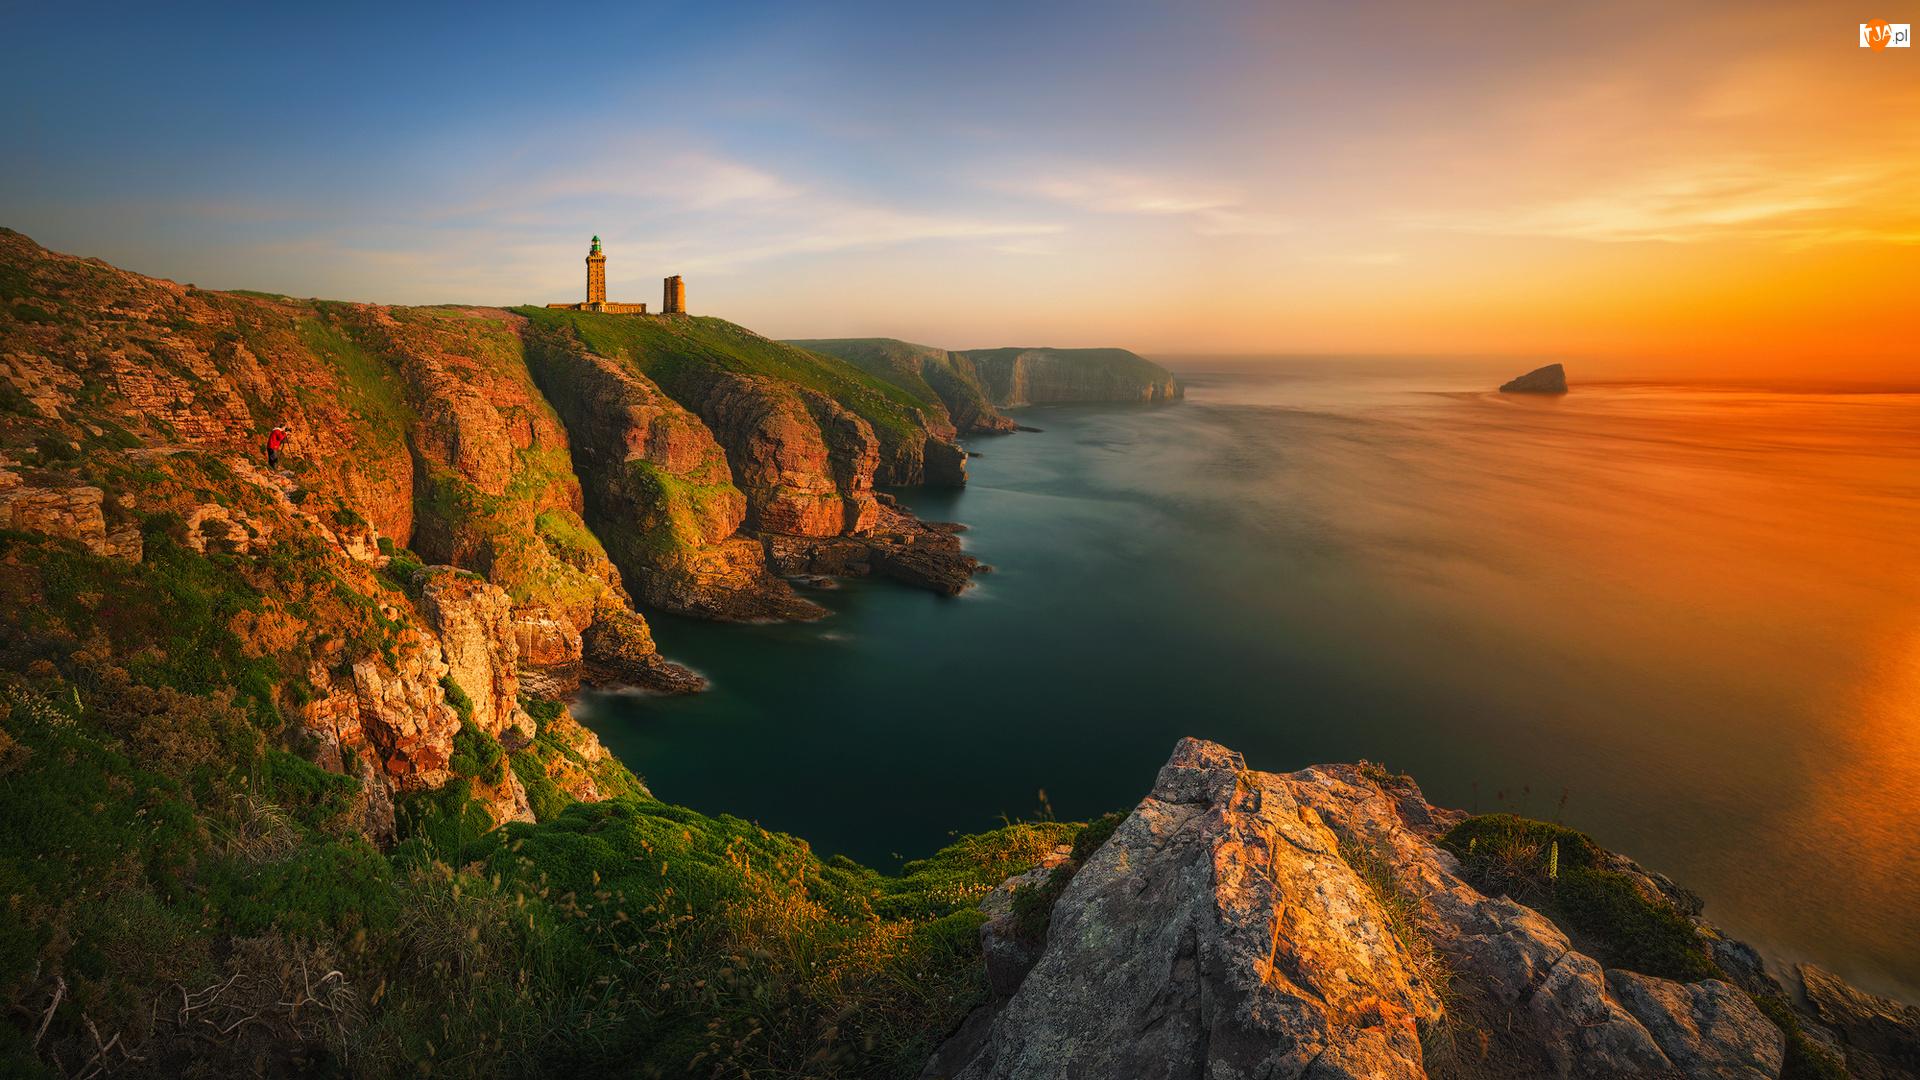 Skały, Kanał La Manche, Zachód Słońca, Bretania, Plévenon, Francja, Klif, Latarnia Morska Cap Fréhel, Wybrzeże